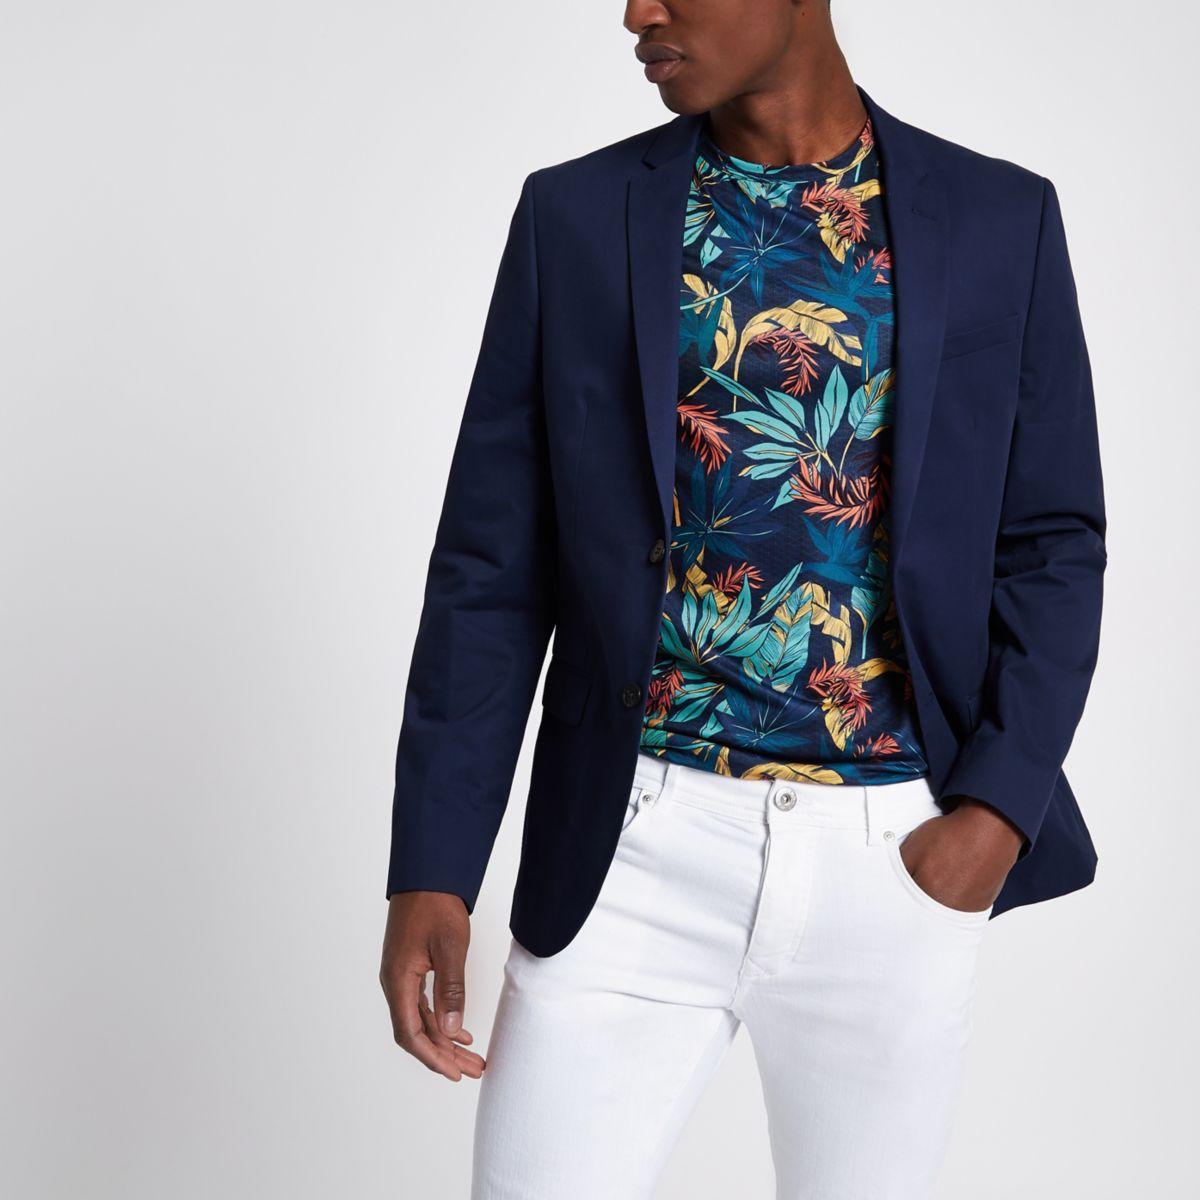 Navy skinny fit blazer